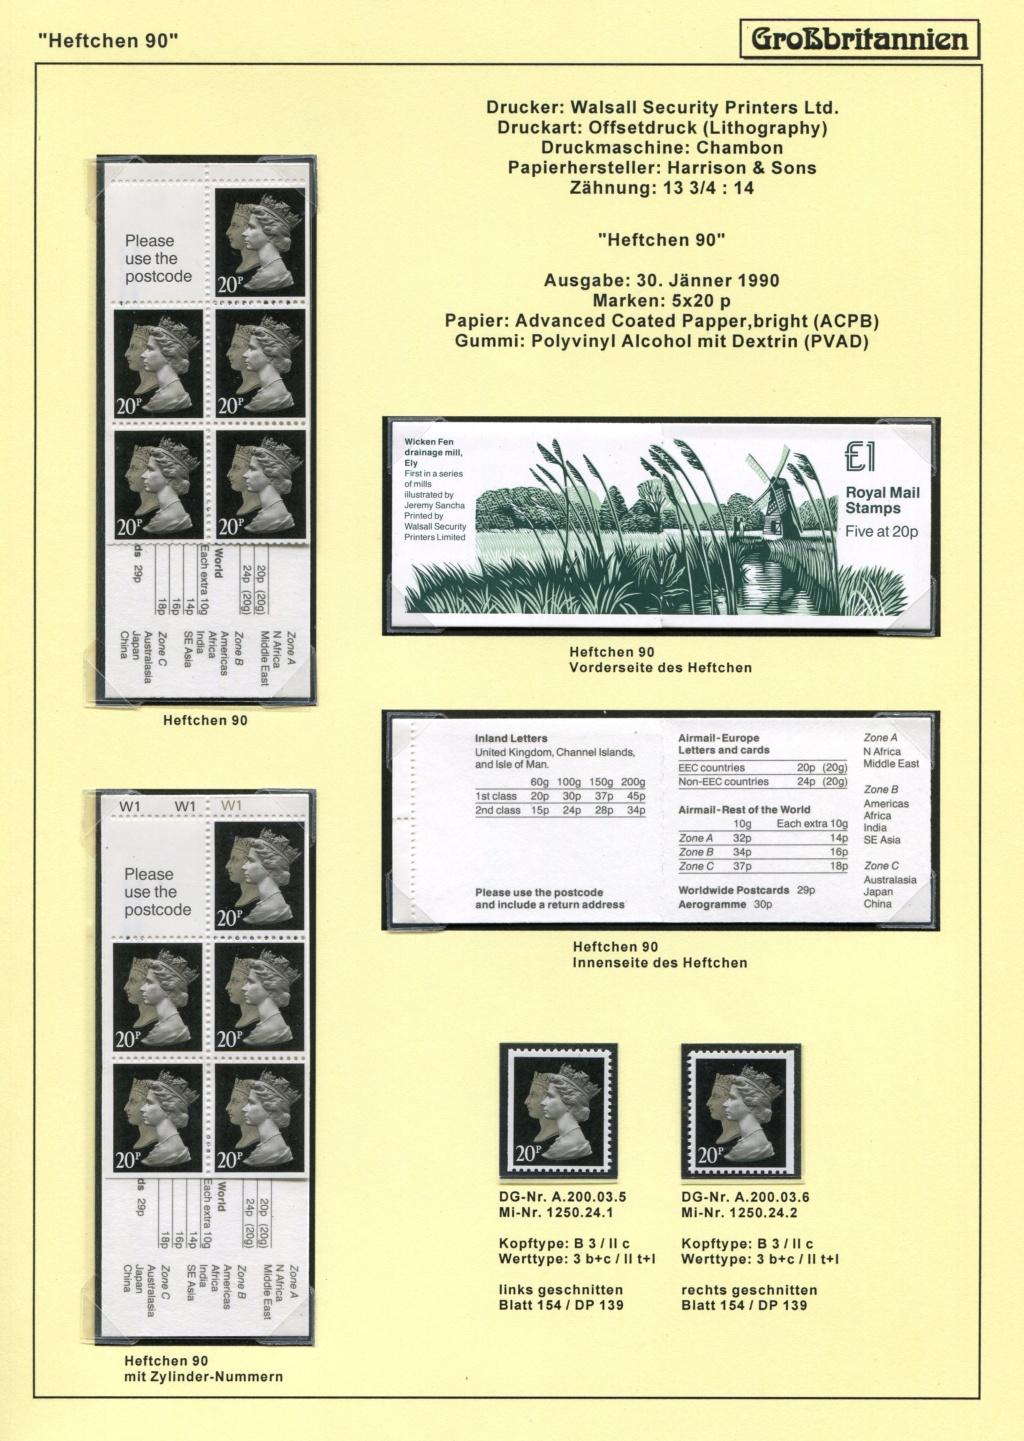 Großbritannien - 150 Jahre Briefmarken Black_37